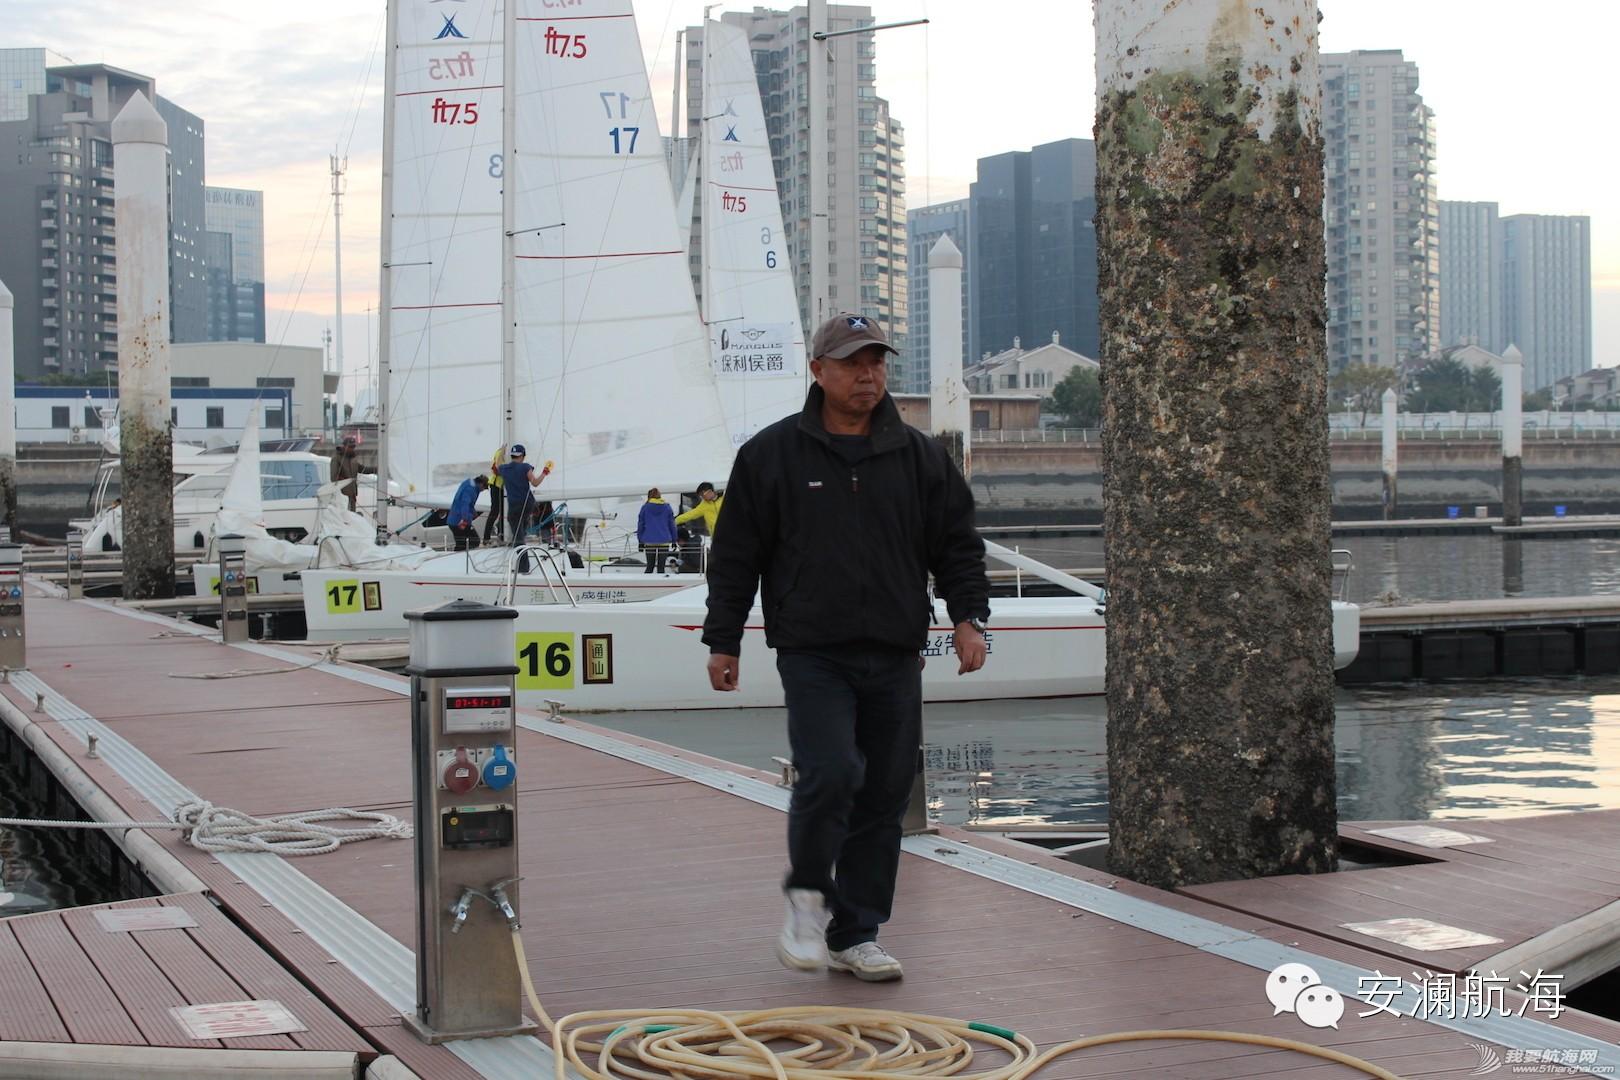 公务员,马拉松,飞行员,小伙伴,老爷子 2015厦门海上马拉松|新年杯帆船赛参赛日记